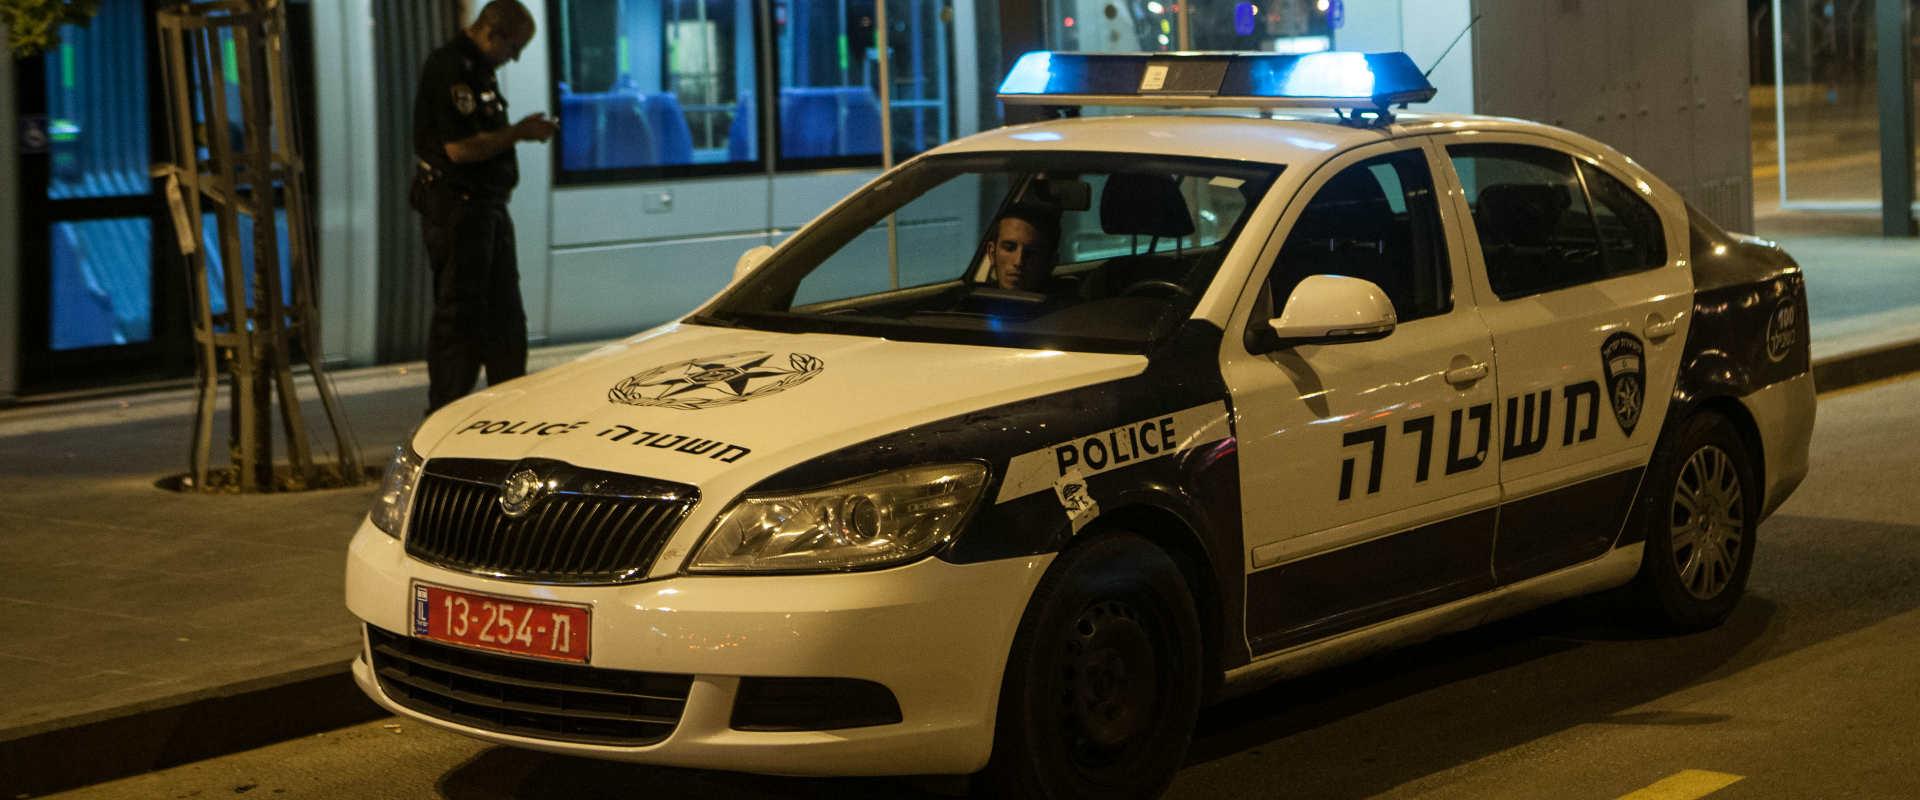 ניידת משטרה בירושלים